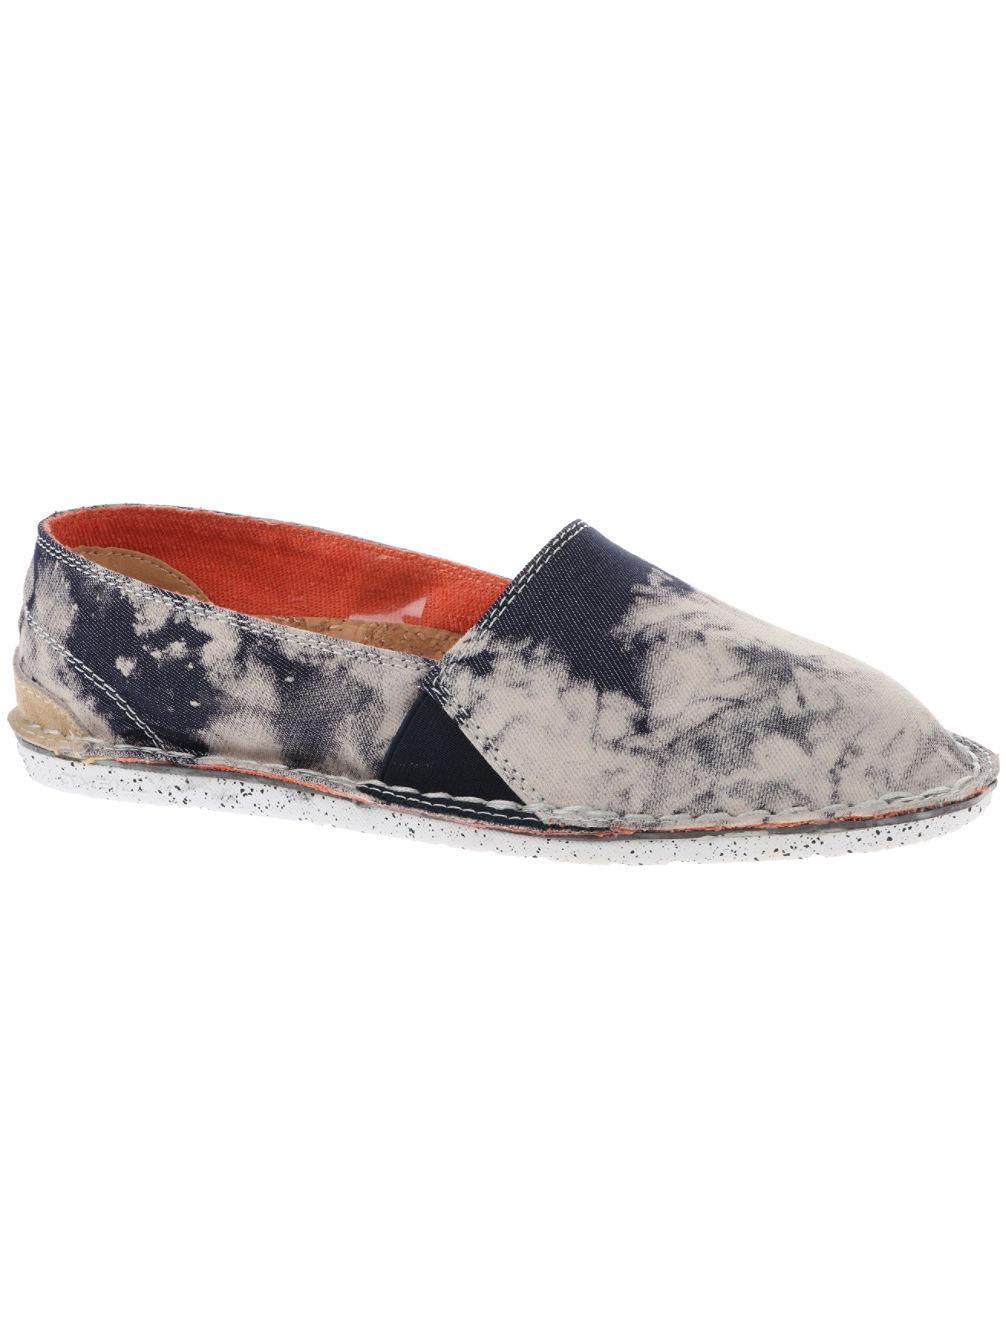 o-neill-ace-slippers-women